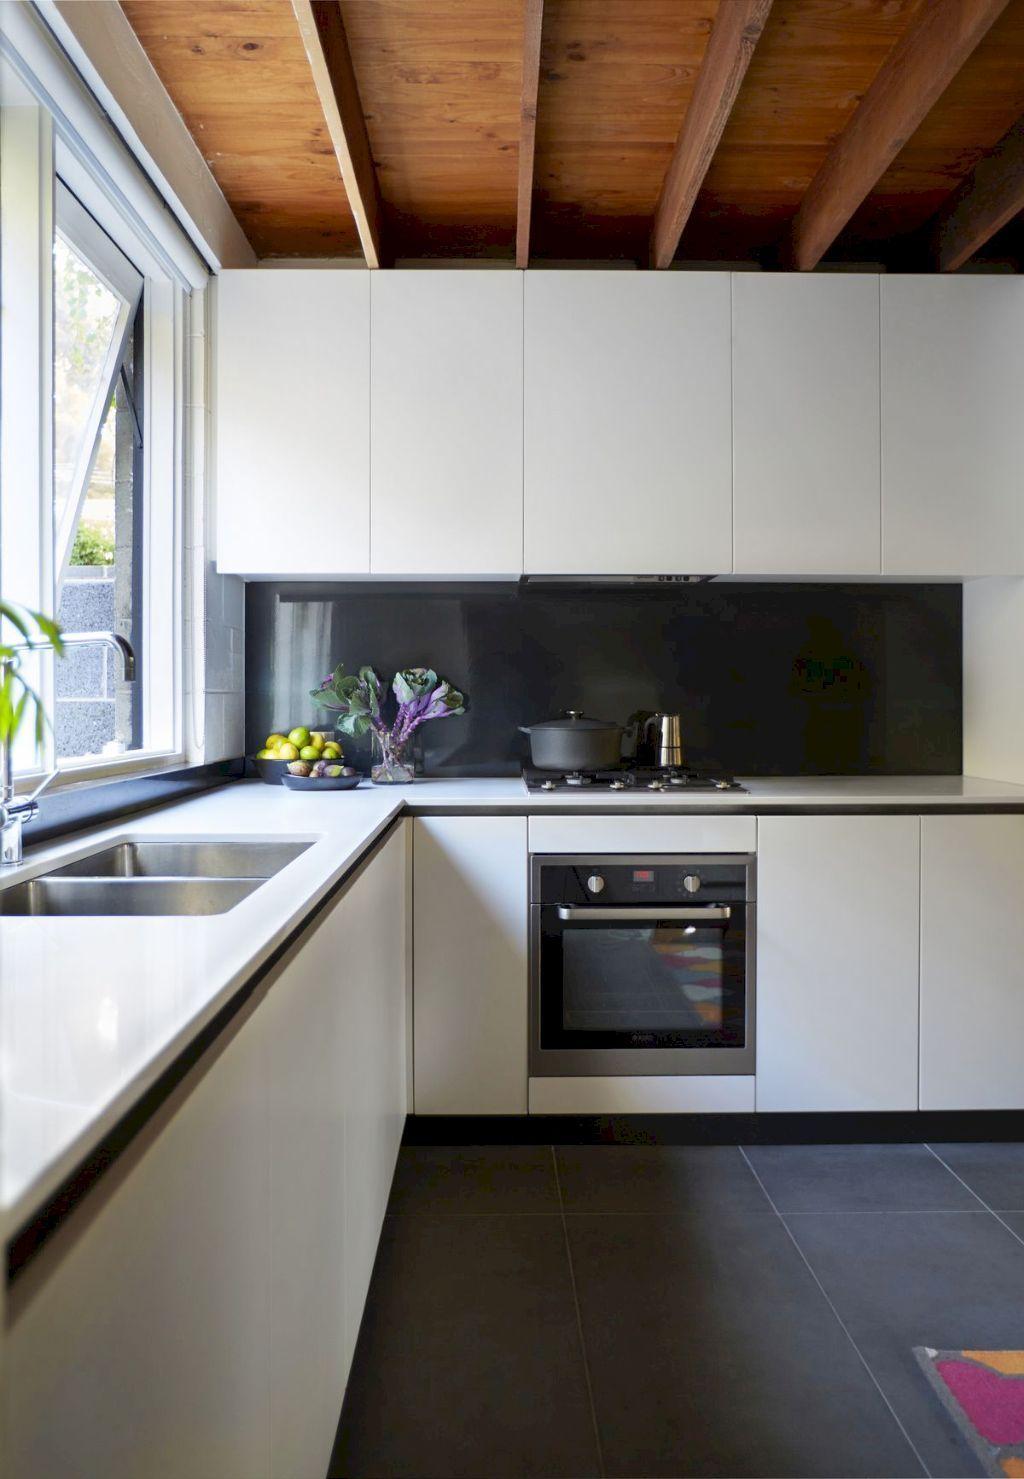 stunning minimalist kitchen decor and design ideas 43 decoration design minimaliste et on kitchen ideas minimalist id=80121